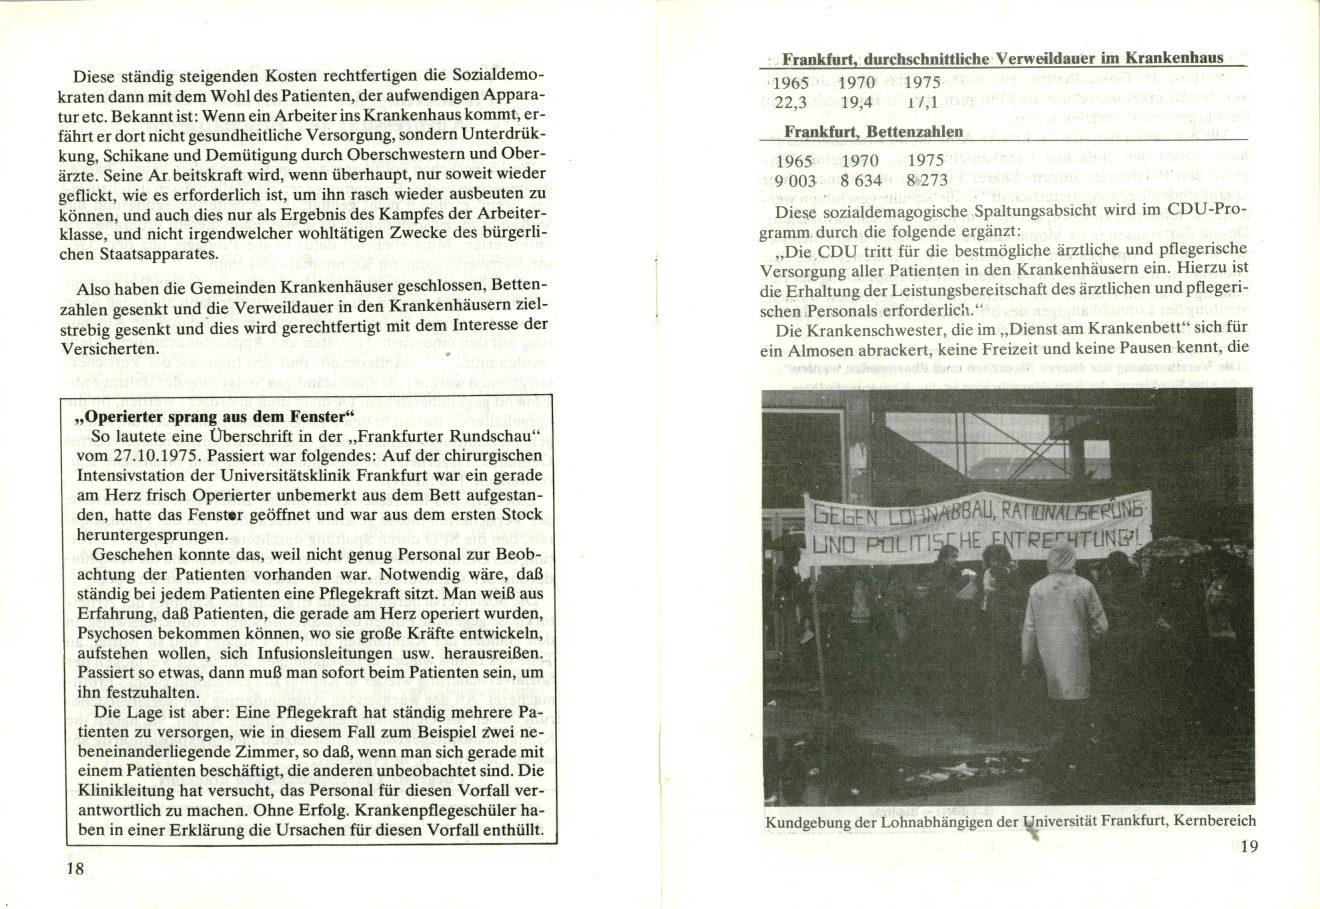 Frankfurt_KBW_Finanzkapital_Stadtparlament_1977_11